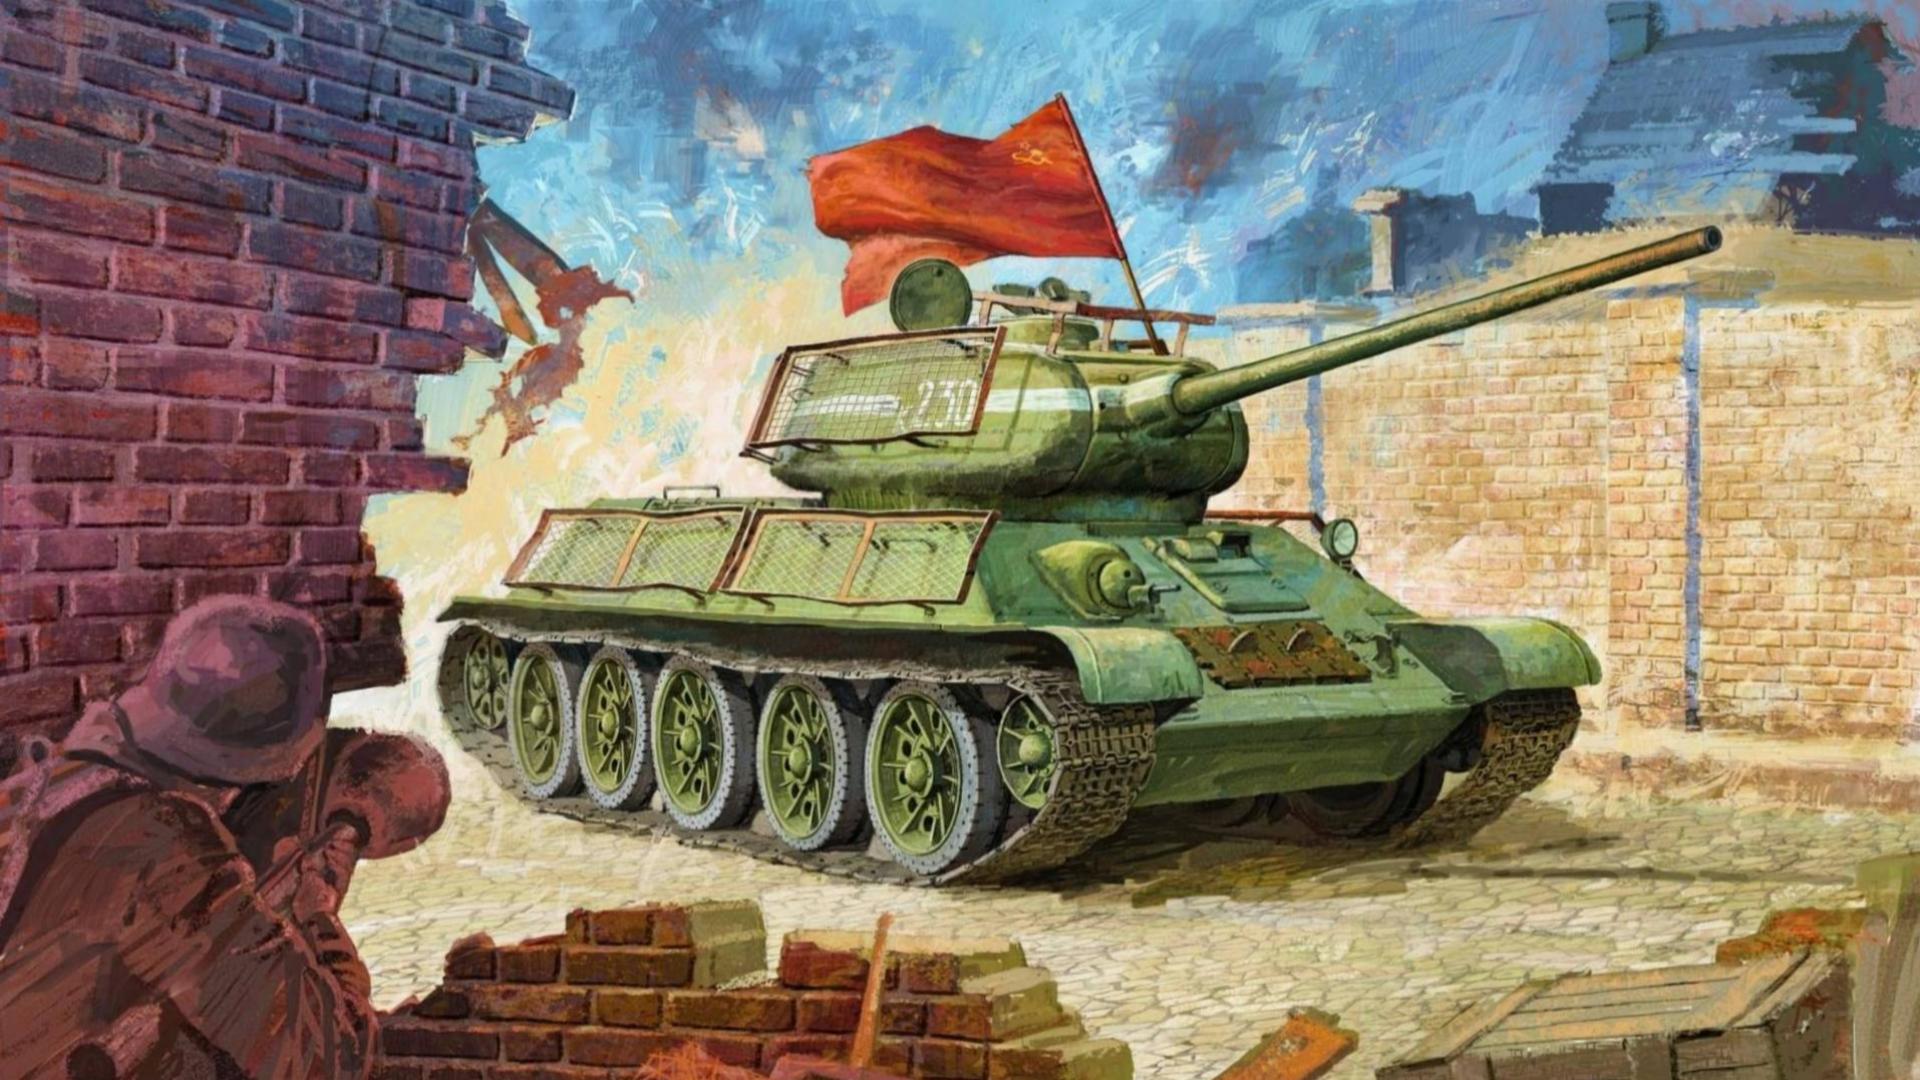 英雄连2 再现库尔斯克战役坦克大战?